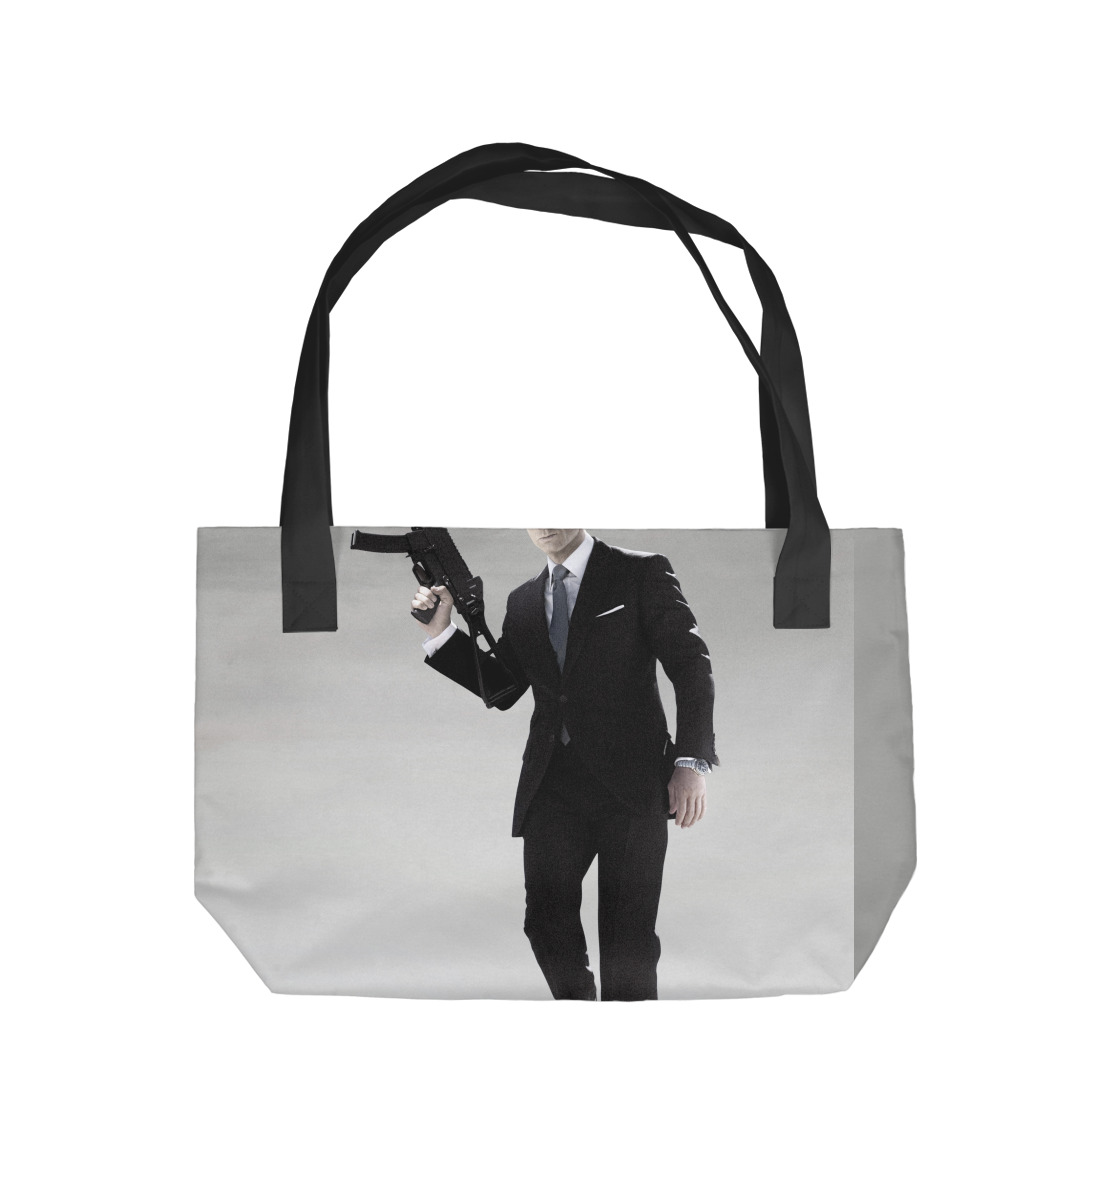 Джеймс Бонд printio сумка джеймс бонд